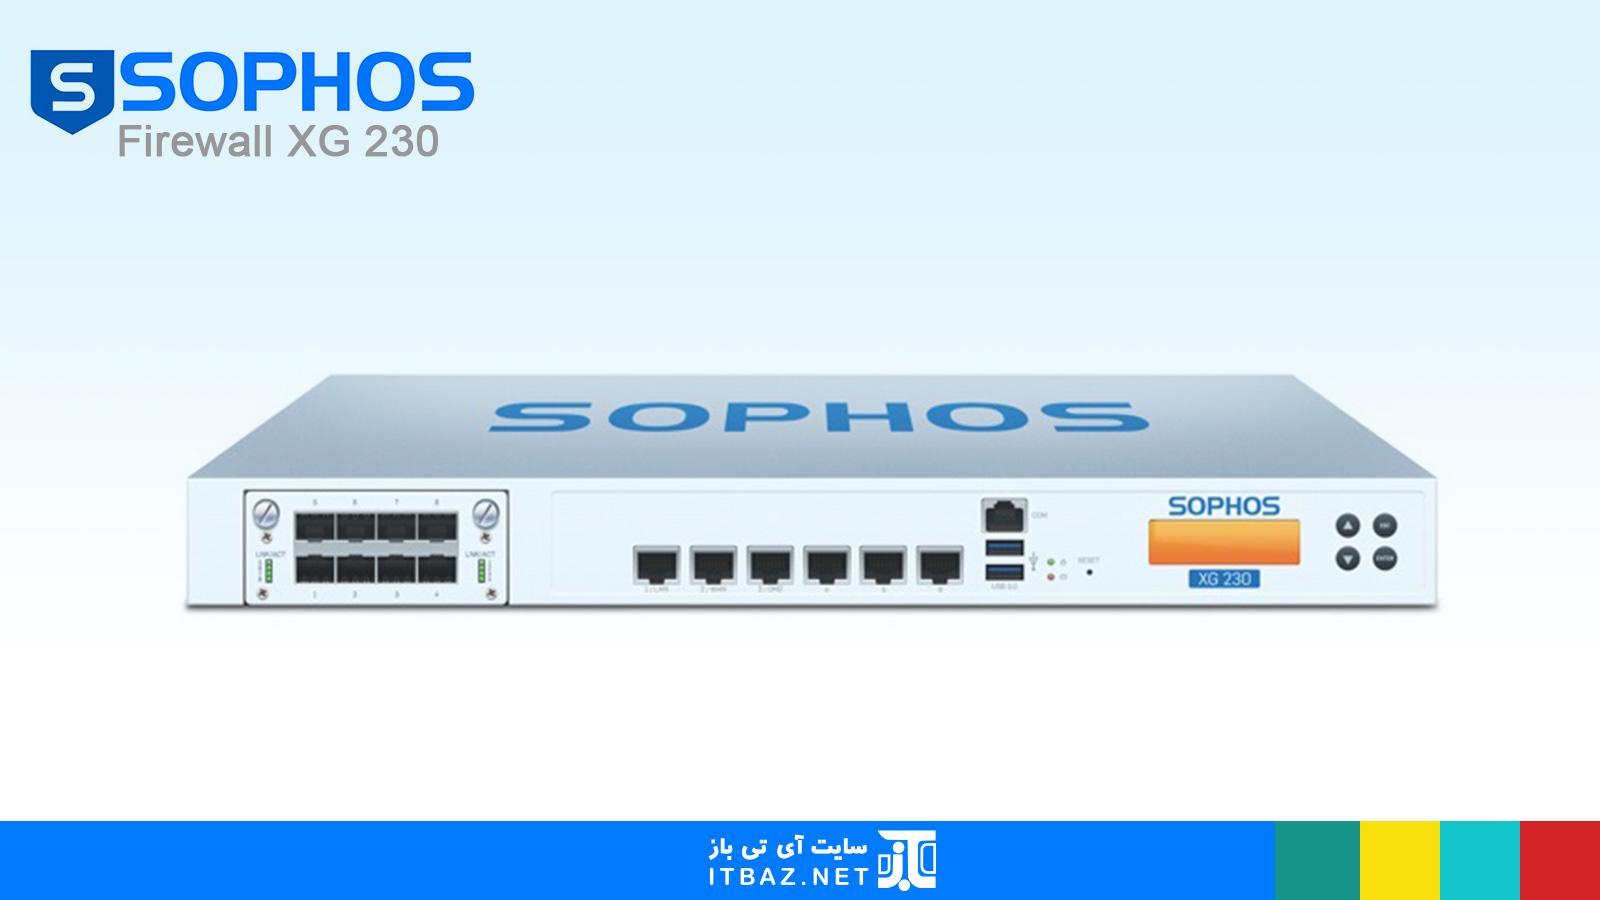 فایروال سوفوس xg 230